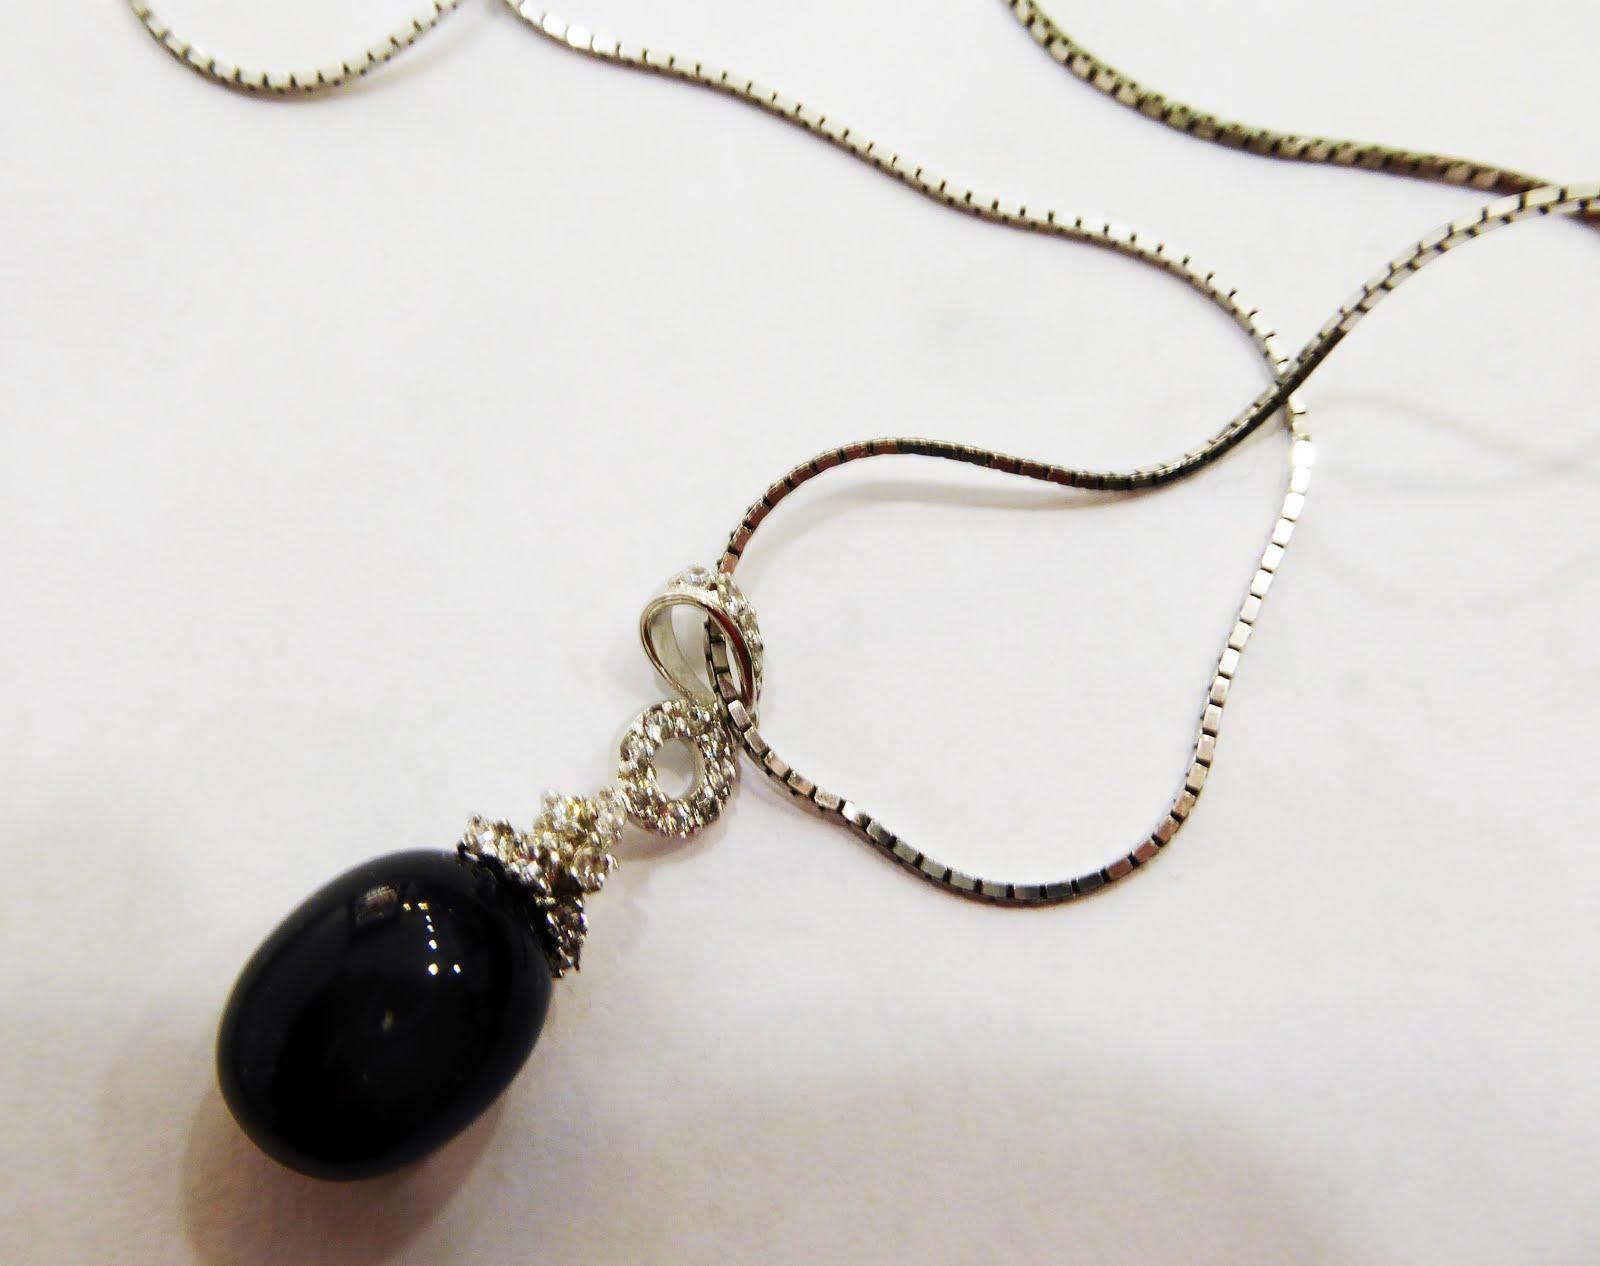 Gargantilla de plata con colgante de piedra negra natural y circonitas